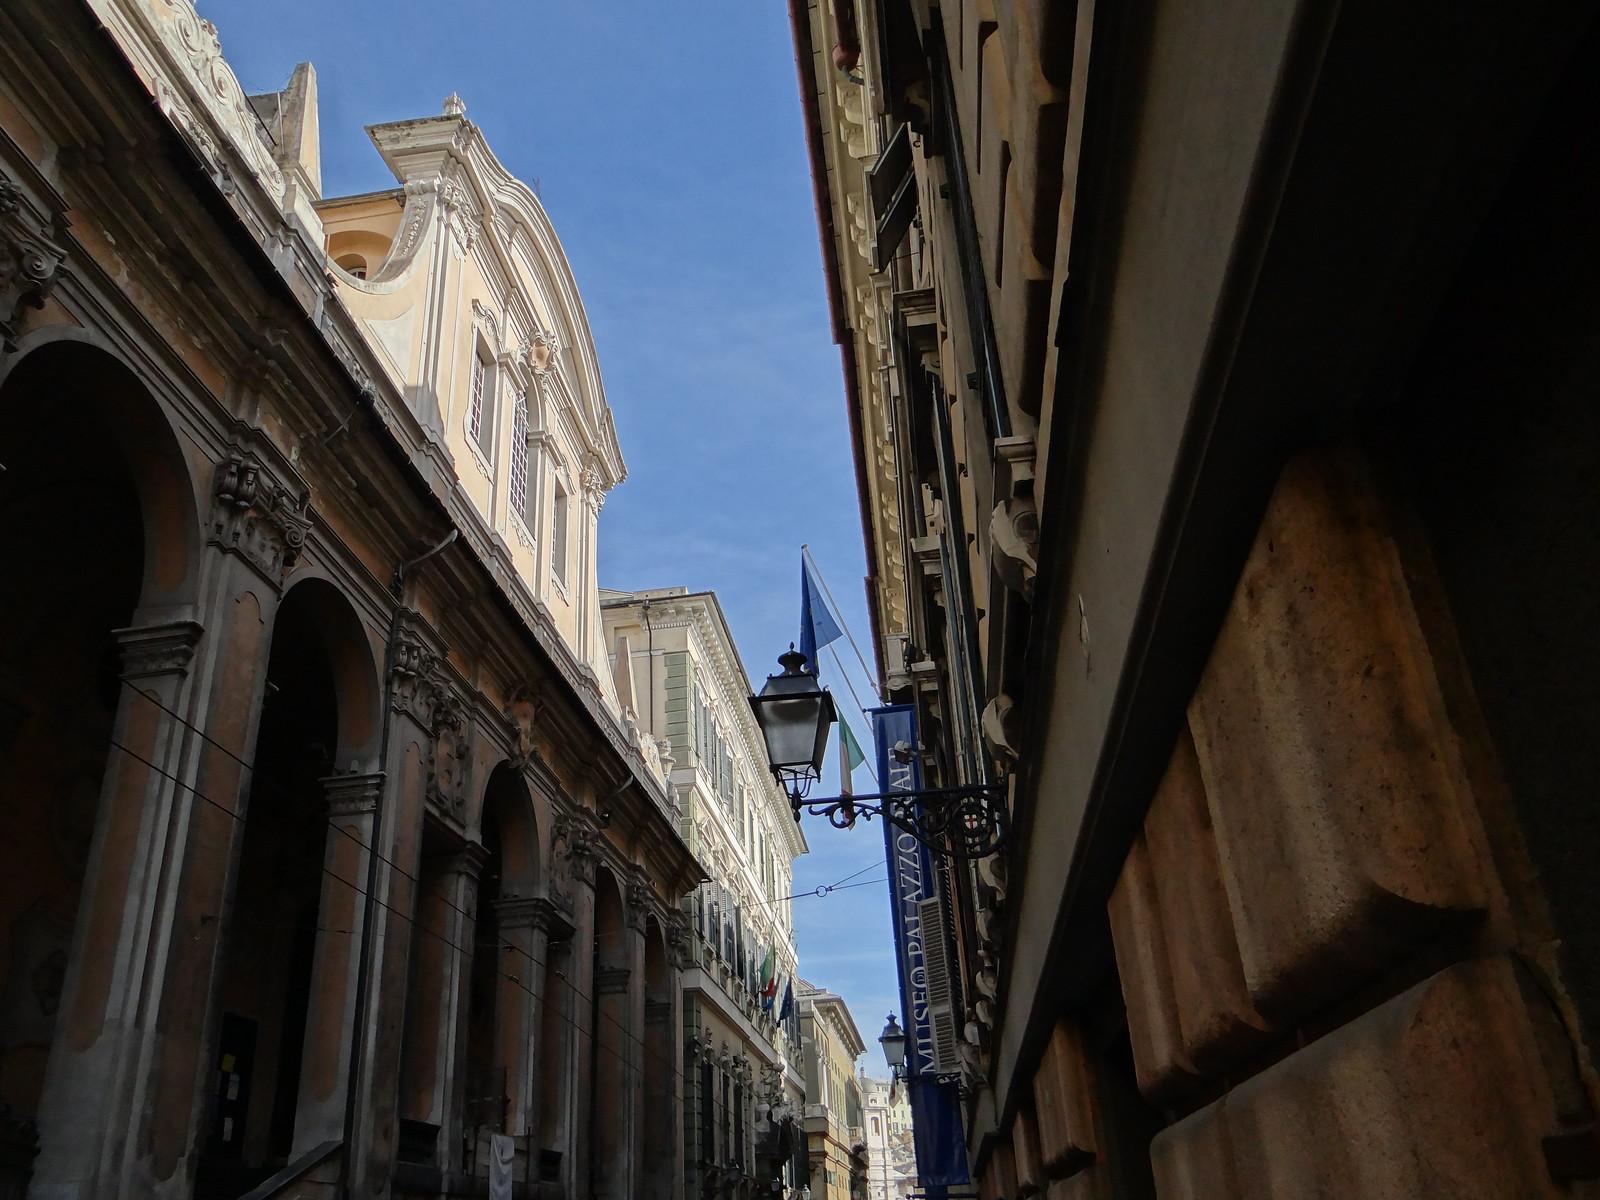 A street in Genoa